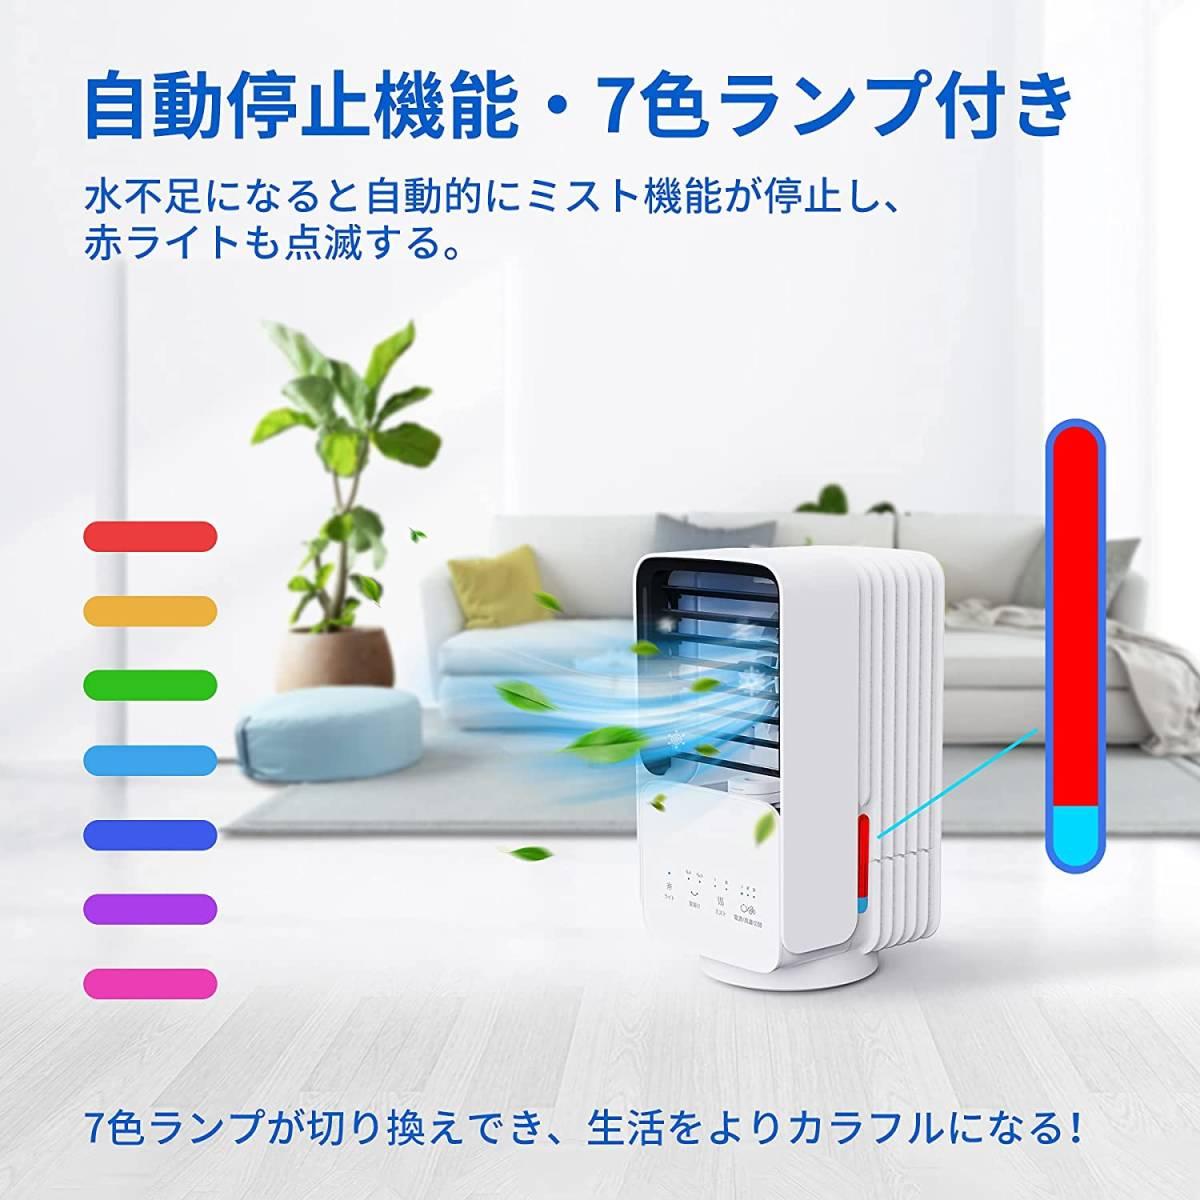 冷風機 冷風扇 スポットクーラー ミニクーラー 卓上冷風機 扇風機 2段階ミスト調節_画像4